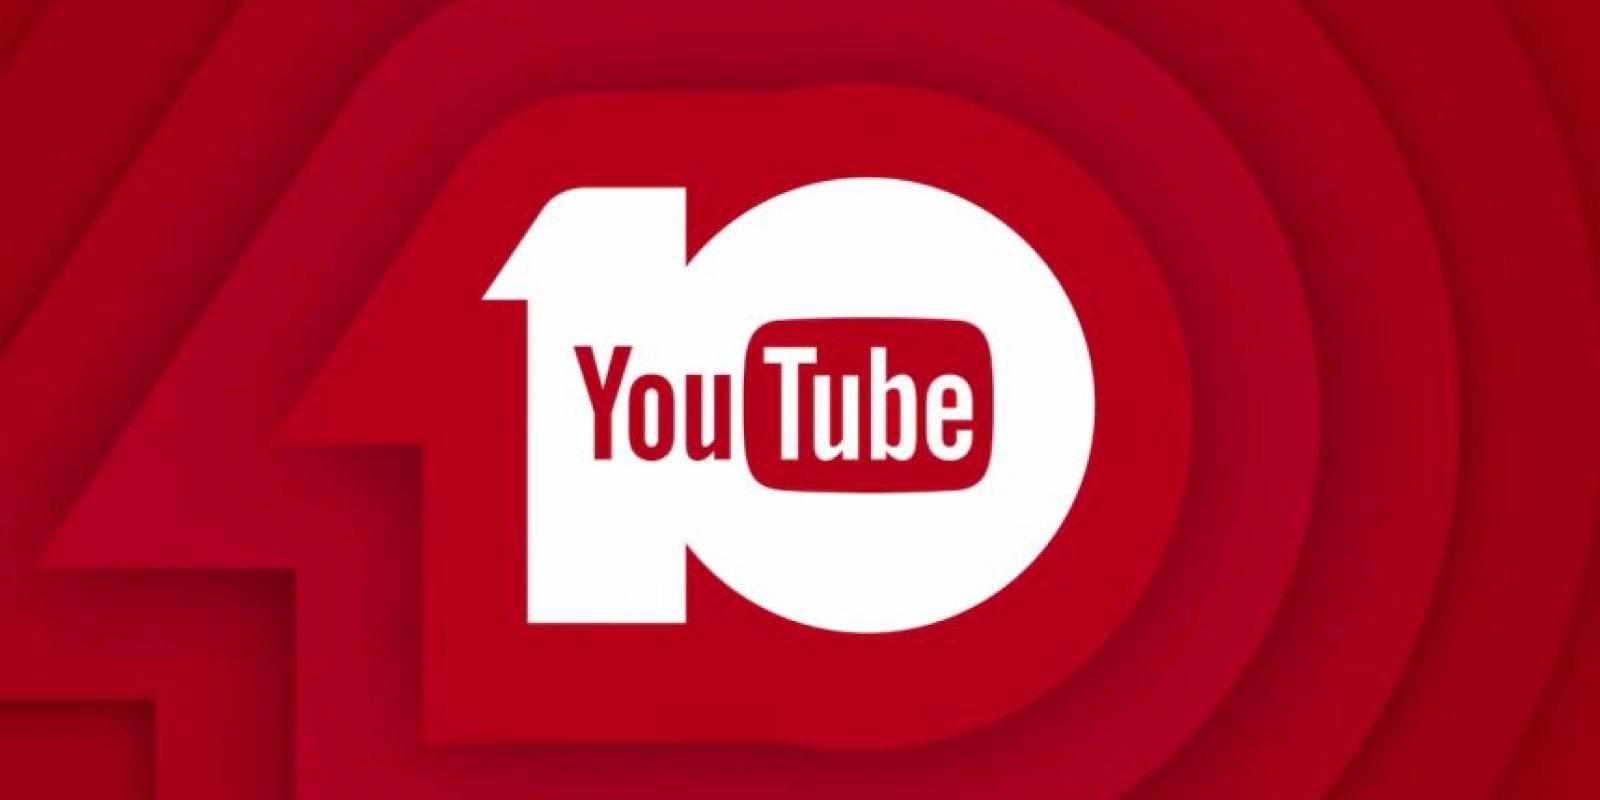 El video que la red presentó por su décimo aniversario. Foto:YouTube